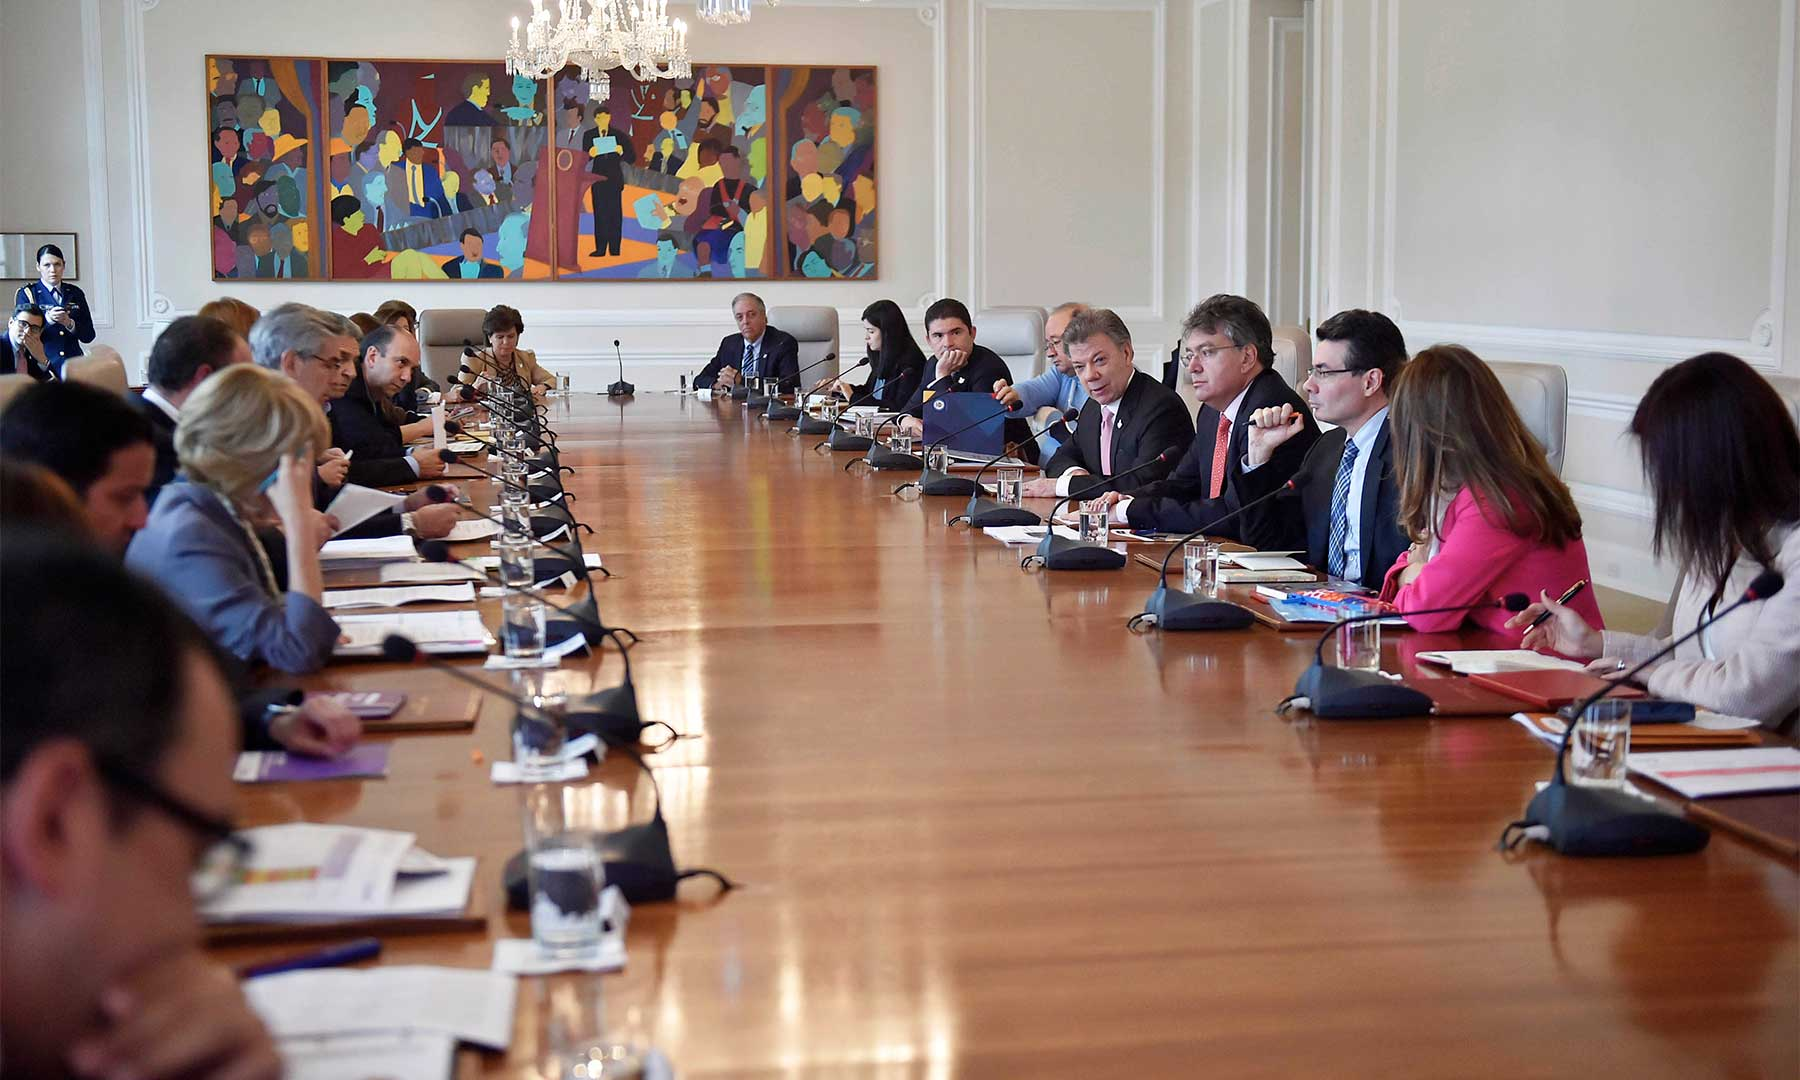 El Presidente Juan Manuel Santos lidera este lunes la reunión del Consejo de Ministros en la Casa de Nariño, en el que se tratan temas de la agenda del Gobierno Nacional.